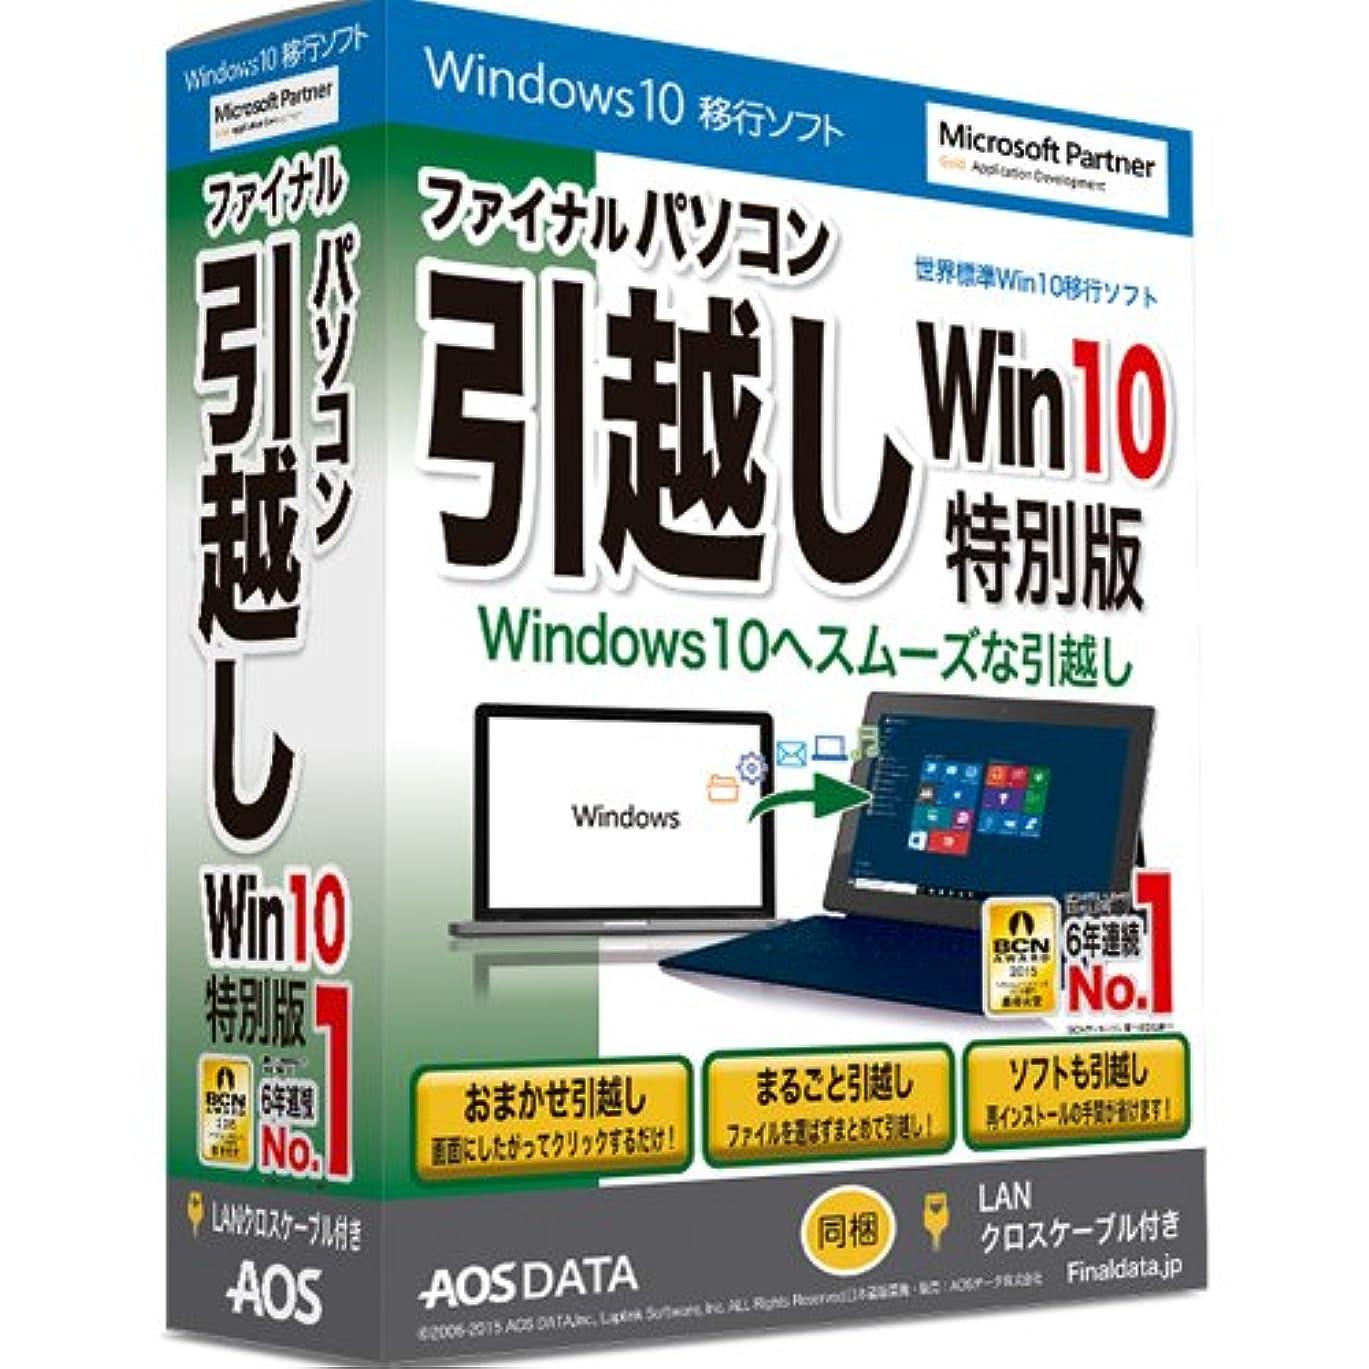 エジプト人スケルトン環境ファイナルパソコン引越し Win10特別 LANクロスケーブル付【OSの移行やパソコンの乗り換えに、簡単な手順でデータ移行できるソフト】